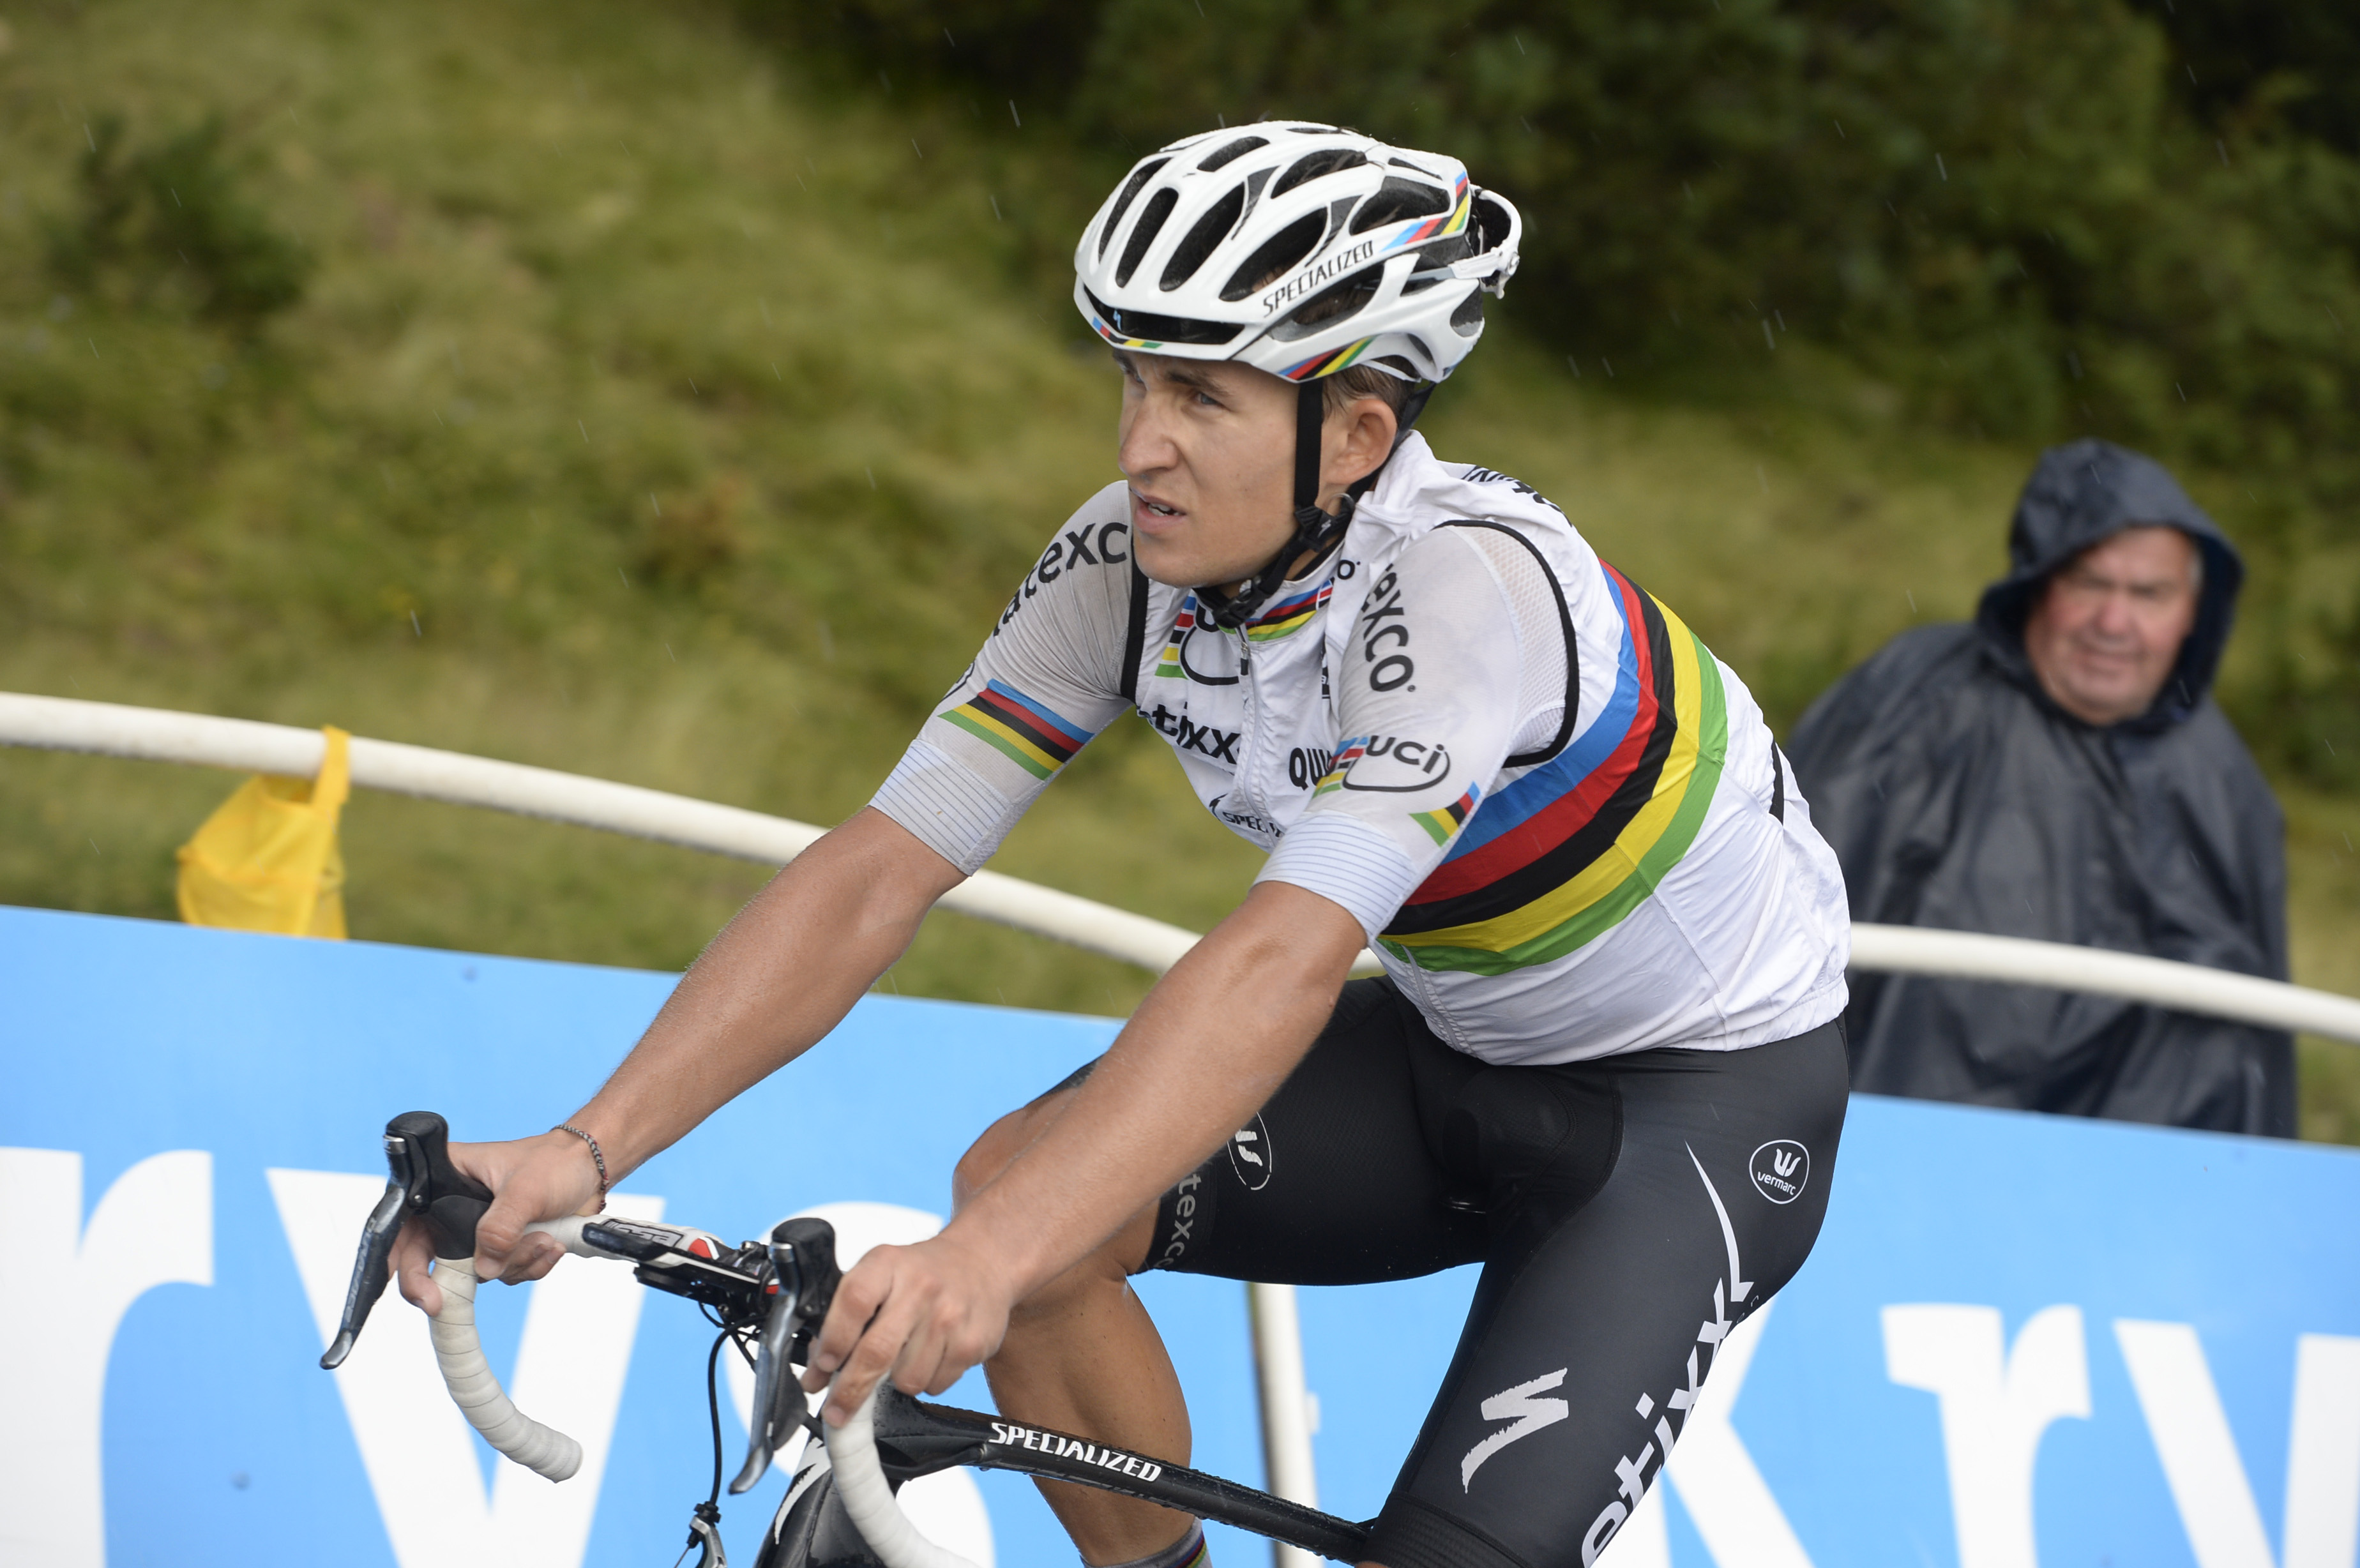 Tour de France 2015 - 12. Etappe - Michal Kwiatkowski zeigte eine eindrucksvolle Kostprobe seiner Power. (pic: Sirotti)